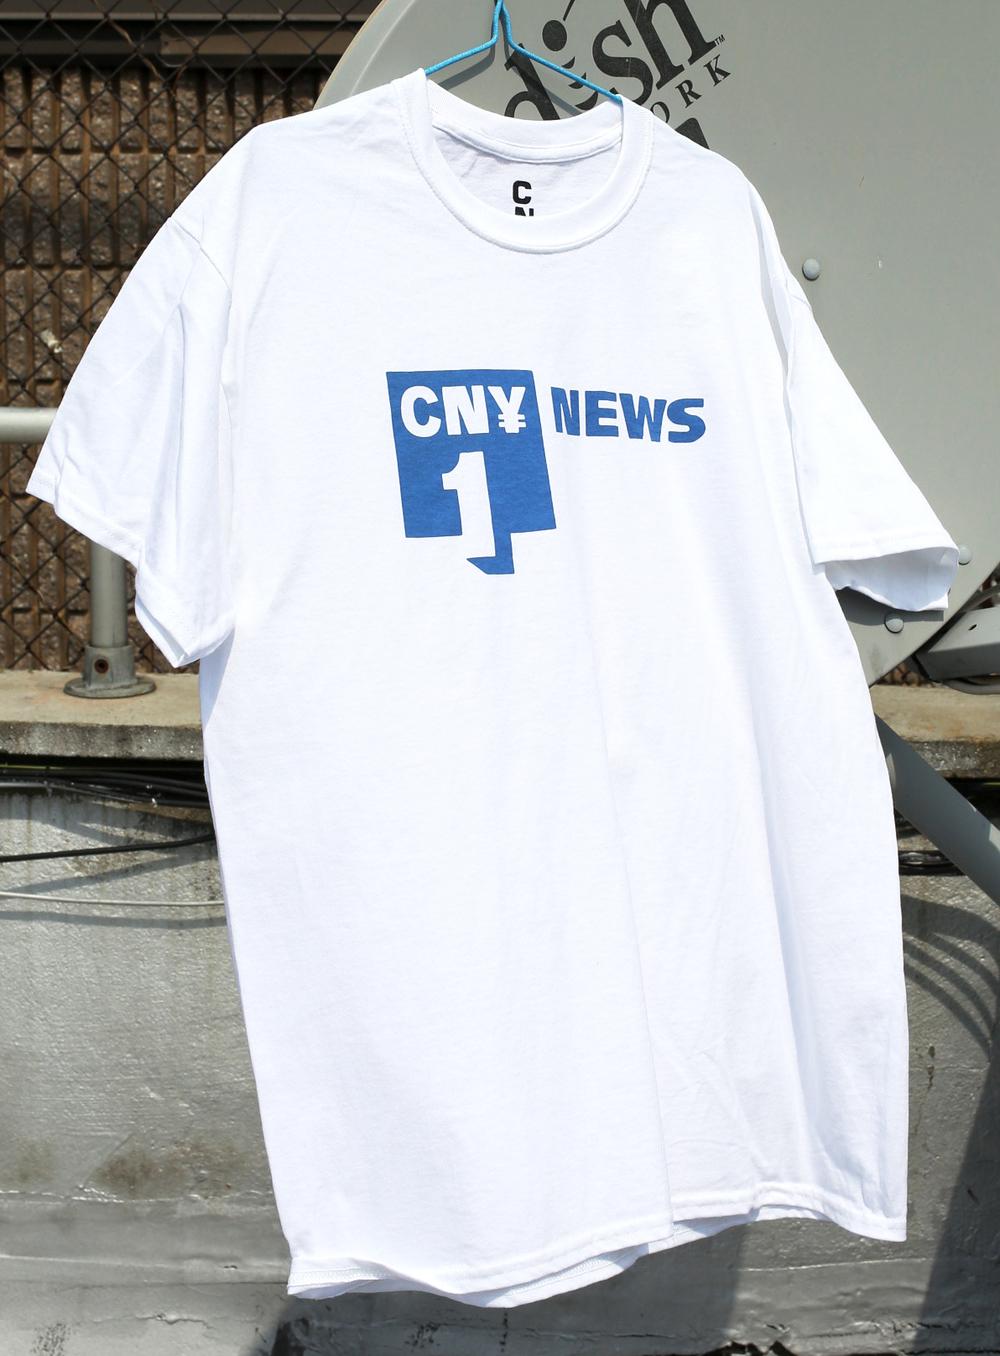 CN¥ NEWS1 T ----  S o l d o u t